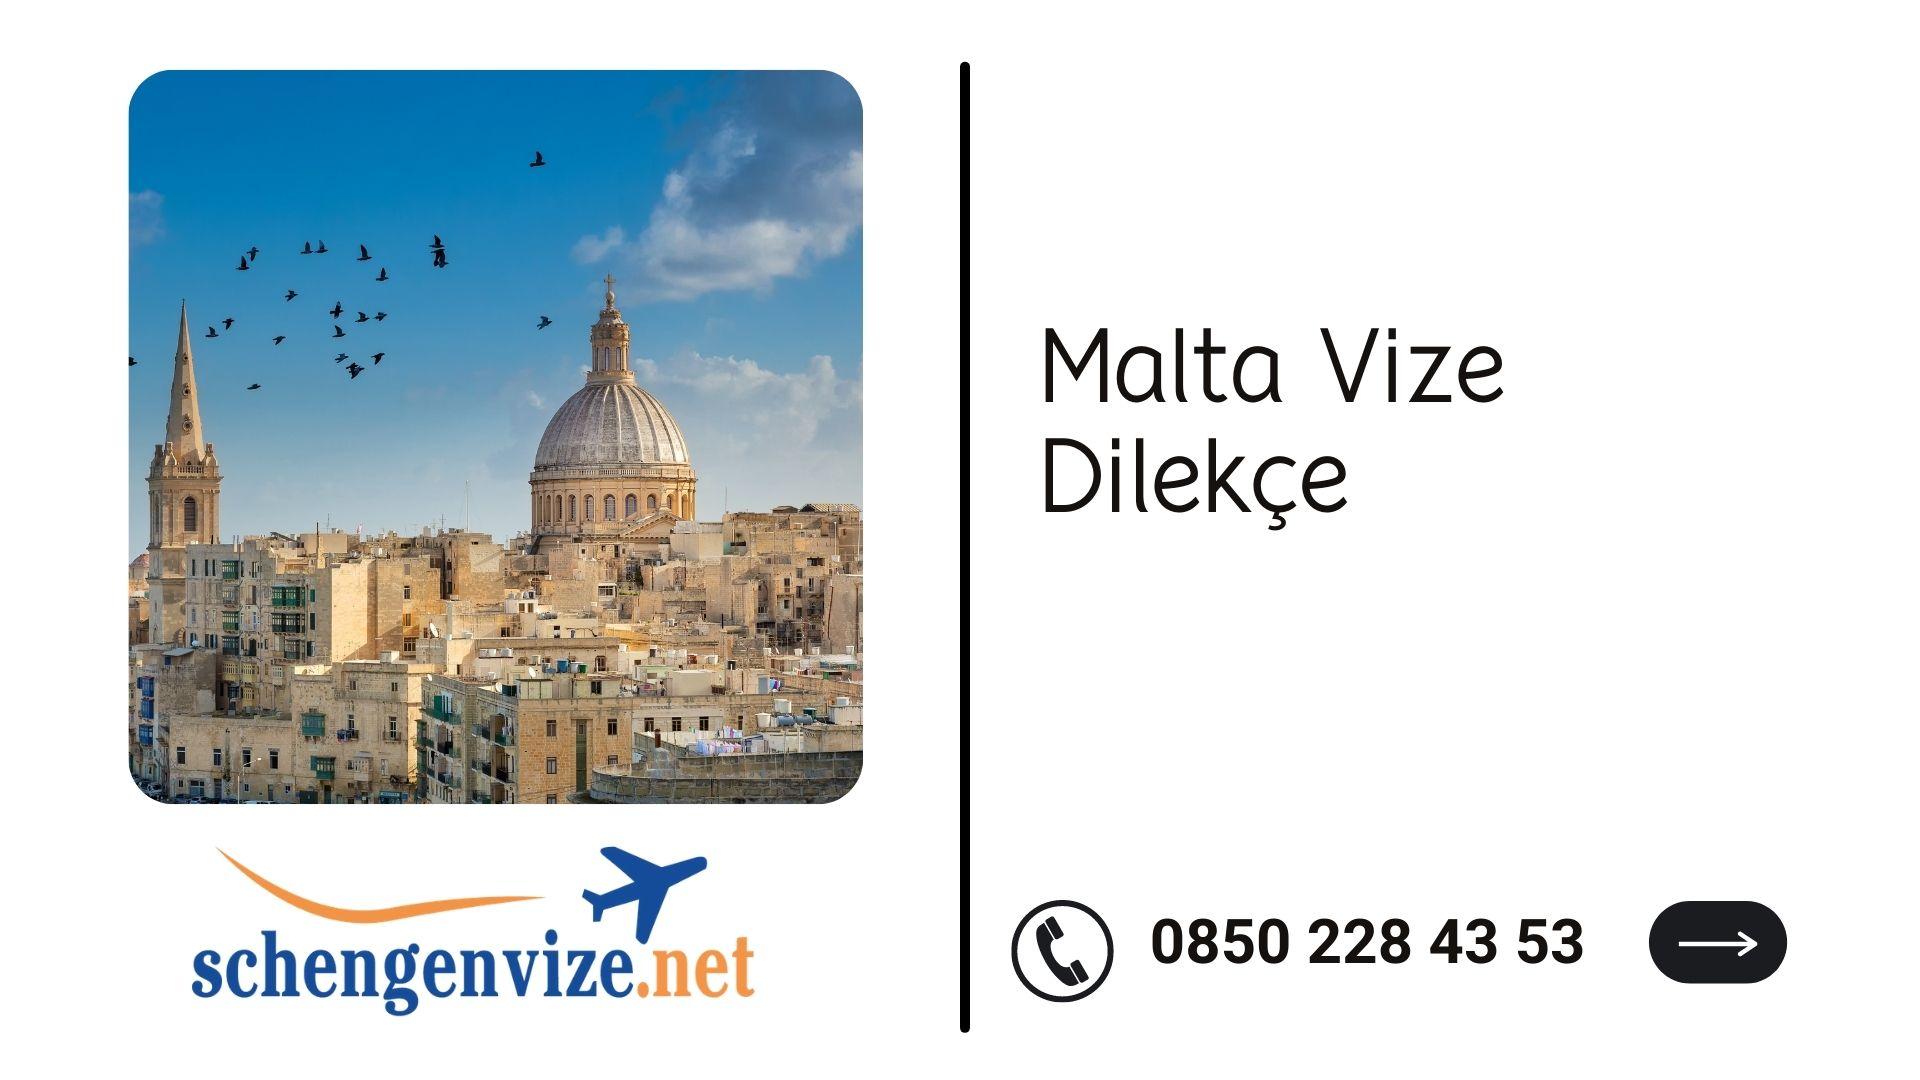 Malta Vize Dilekçe